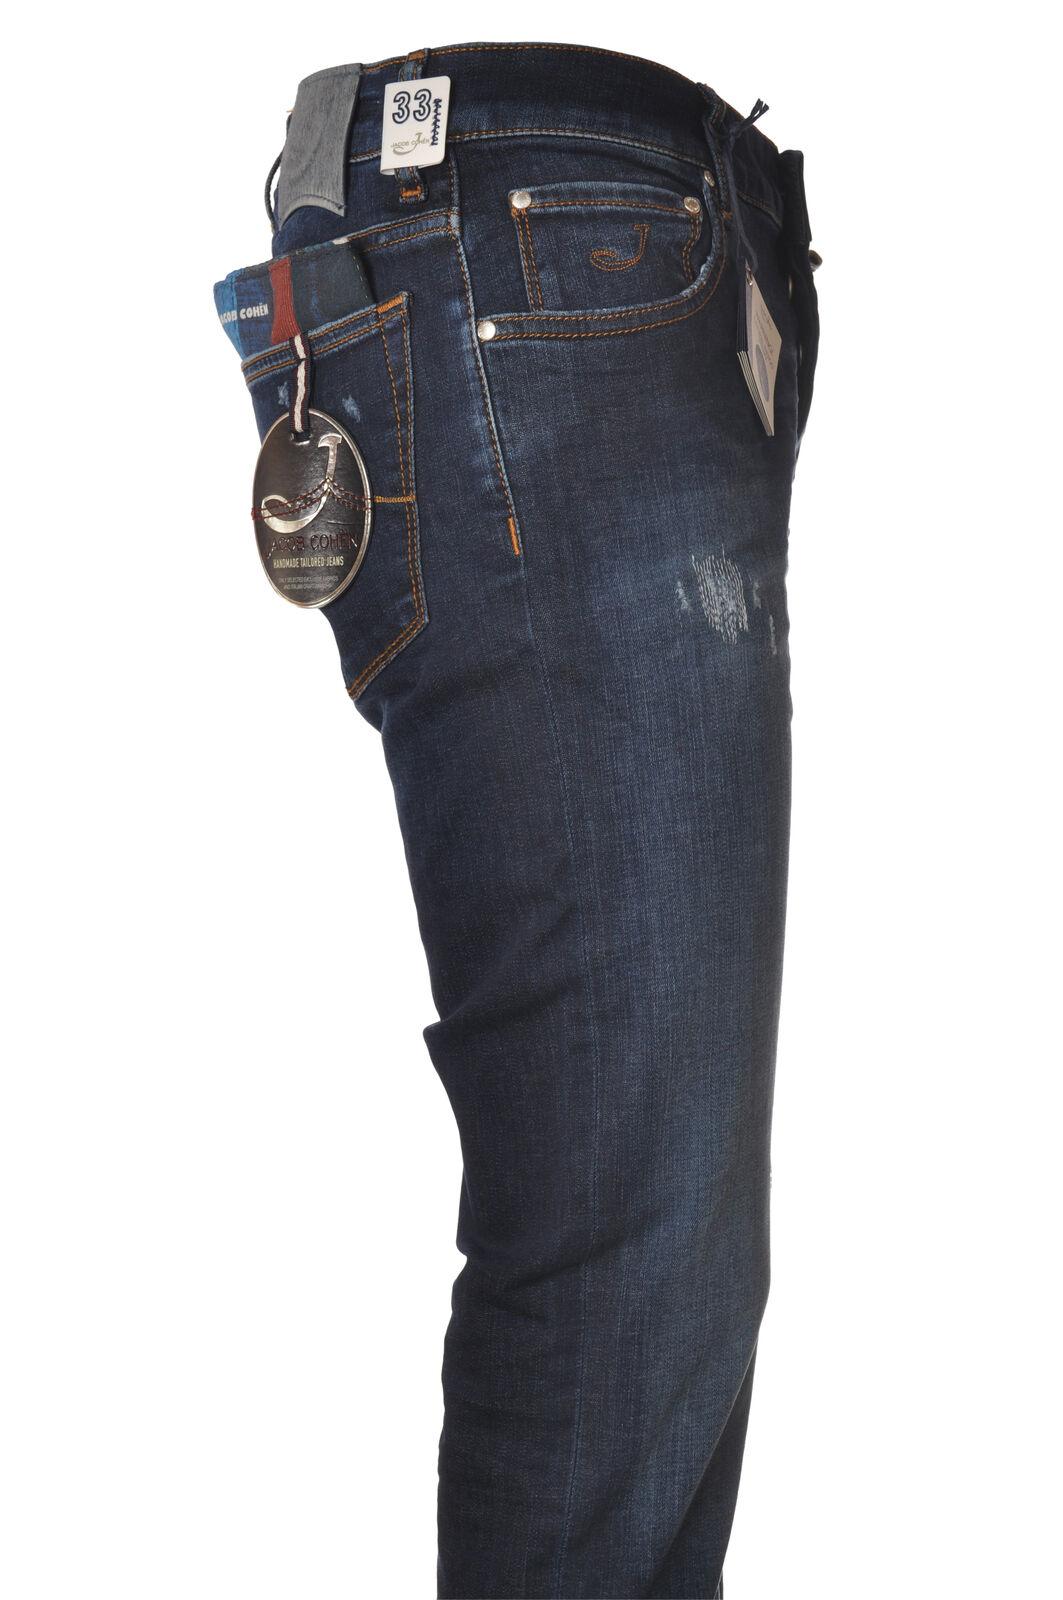 0fc8cb4c86 Jacob Cohen - Jeans-Pants - Man - Denim - 5680310C191834  nsixnm29618-Trousers